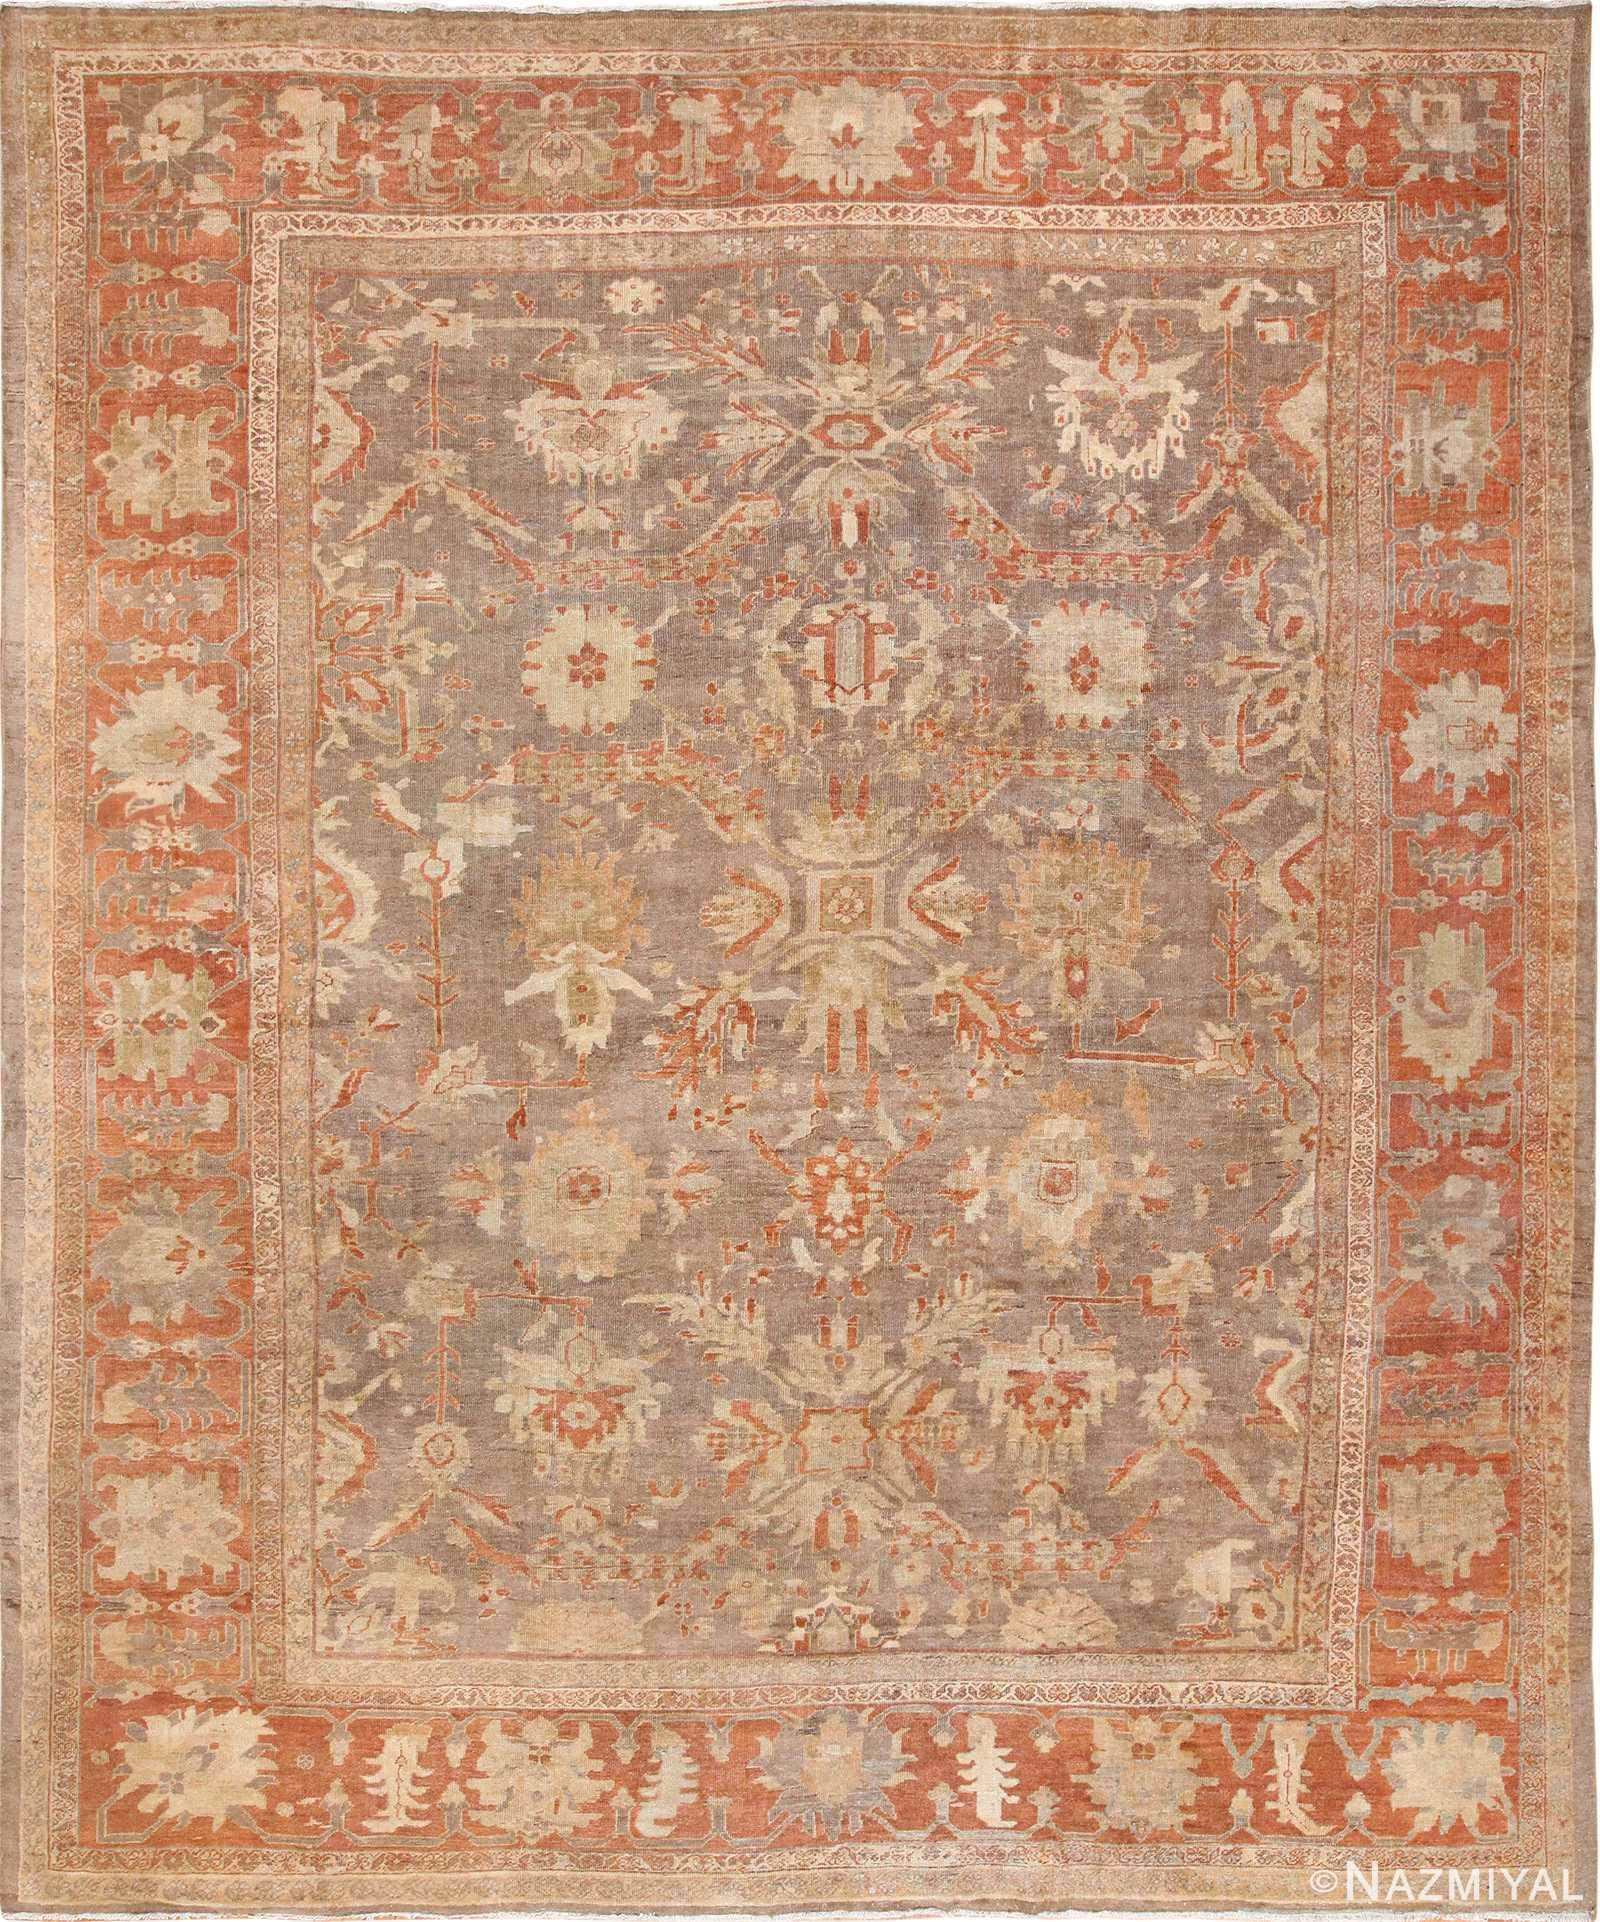 antique sultanabad persian rug 49334 Nazmiyal